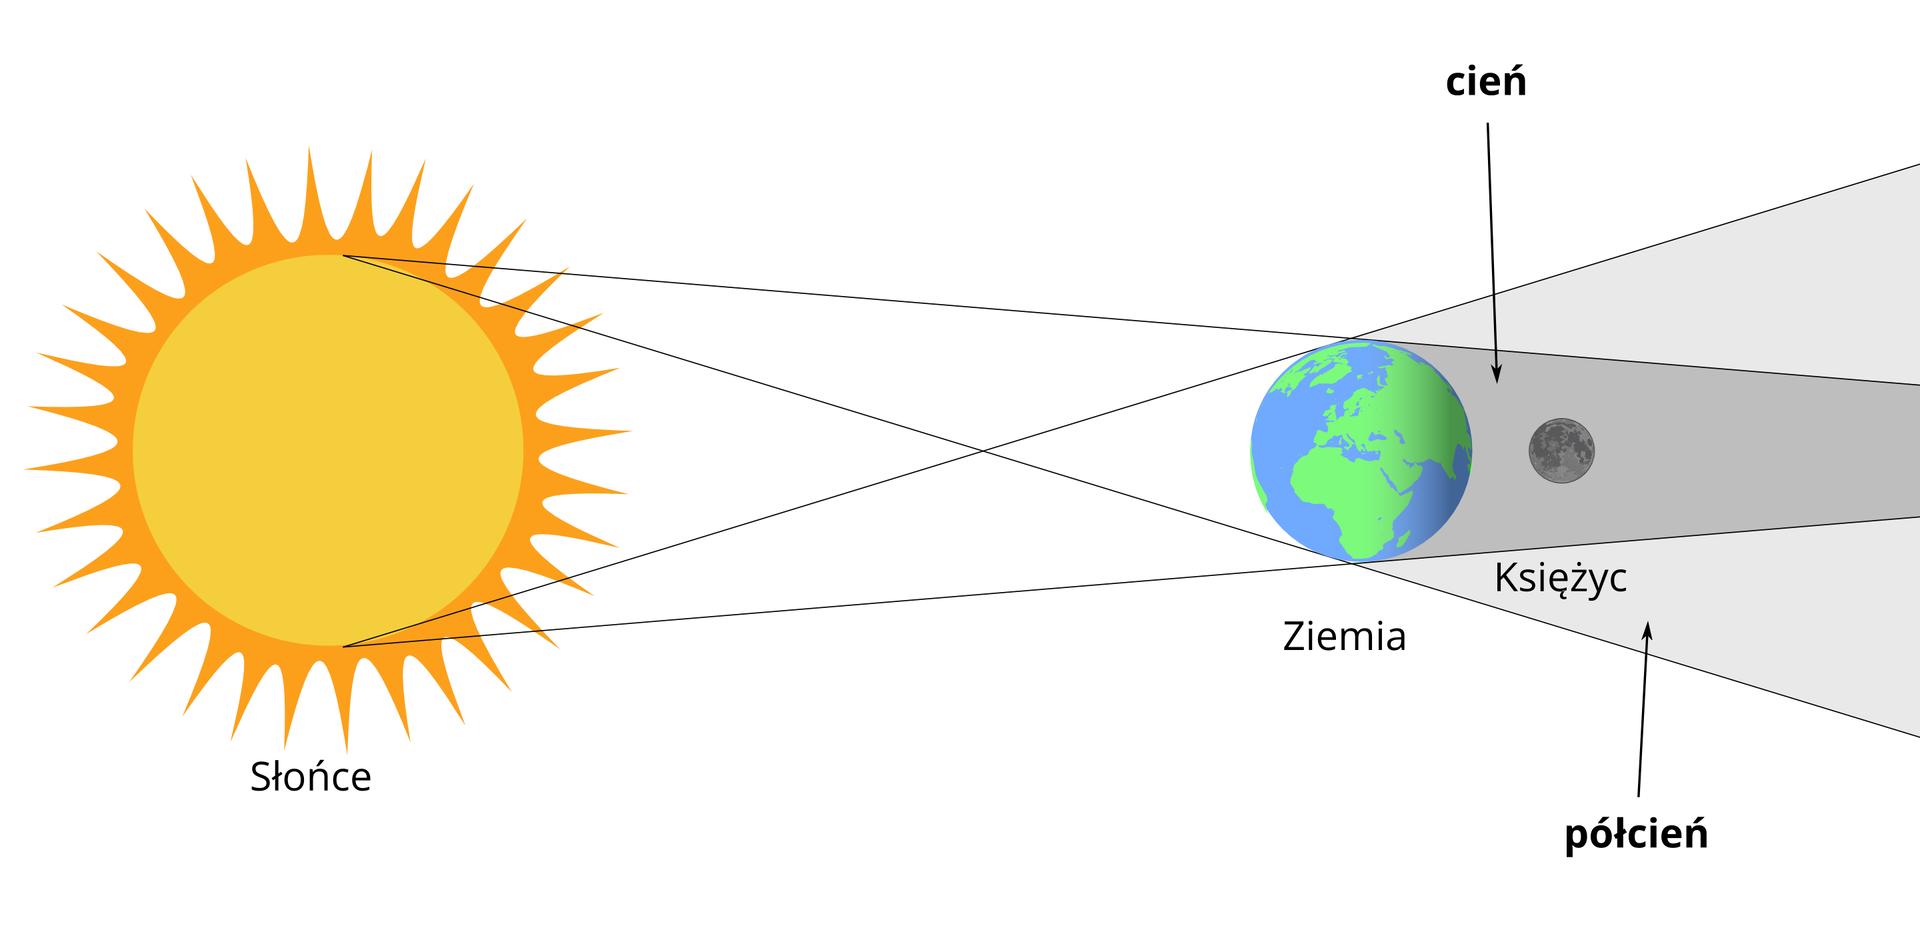 Schemat przedstawia na czym polega zjawisko zaćmienia Księżyca. Po lewej stronie rysunek Słońca. Żółte Słońce ośrednicy około trzech centymetrów. Na prawo kula ziemska. Średnica około piętnaście milimetrów. Na powierzchni widoczne zielone kontynenty oraz niebieskie obszary pokryte wodą. Za Ziemią szary Księżyc. Średnica Księżyca około siedem milimetrów. Słońce, Kula Ziemska iKsiężyc na jednej linii. Promienie Słońca padają na powierzchnię Ziemi. Promienie Słońca nie docierają do powierzchni Księżyca, który jest wcieniu Ziemi.